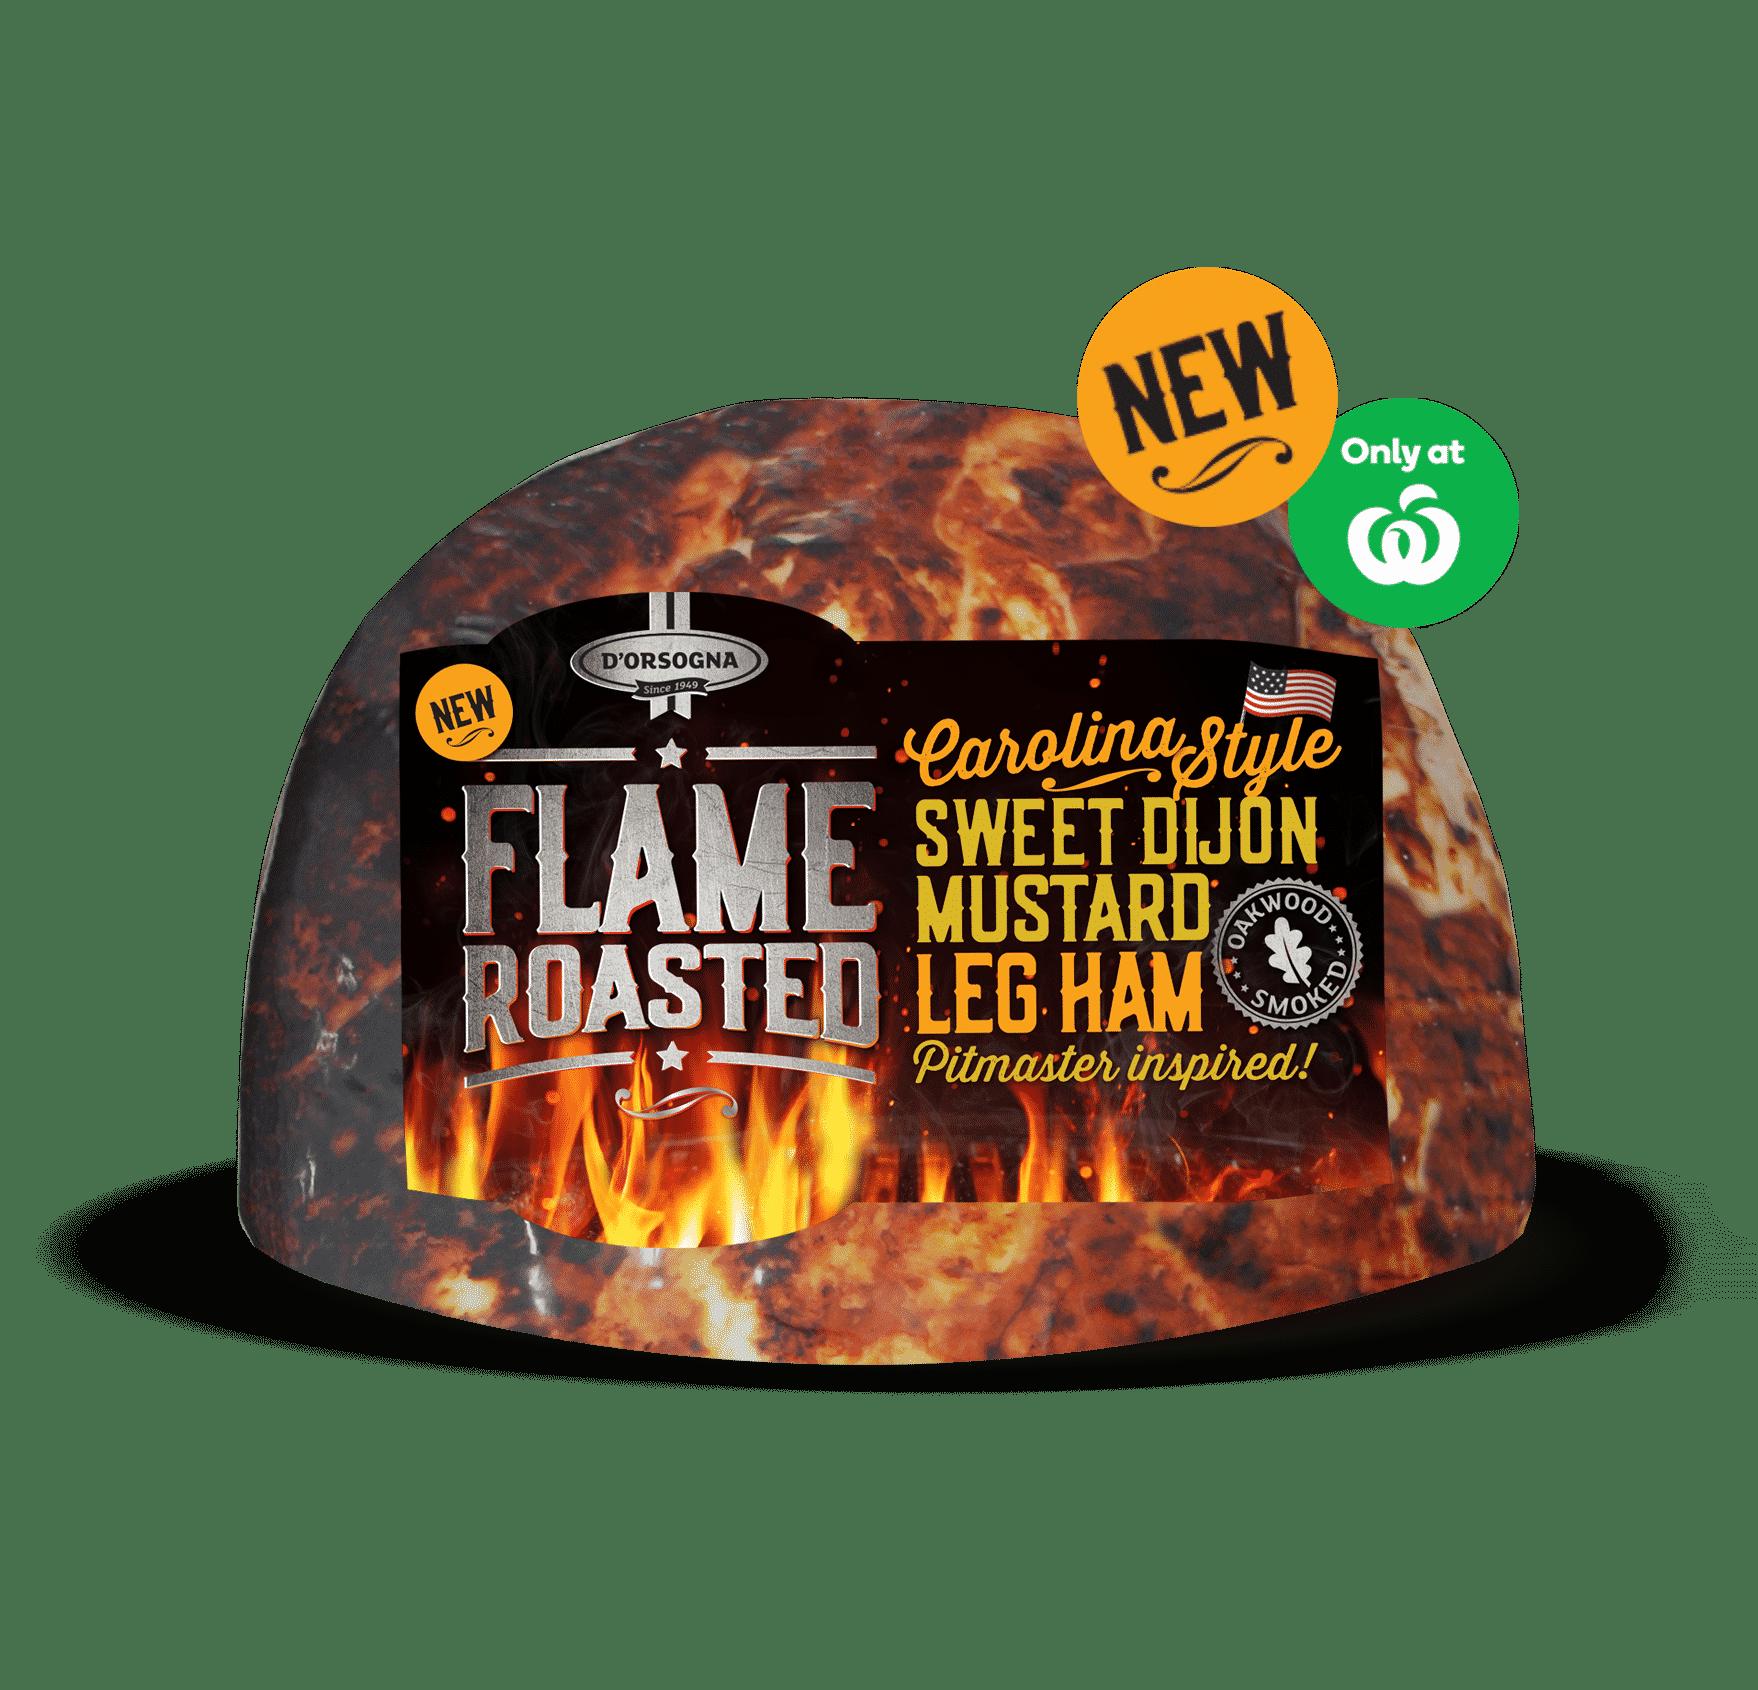 Flame Roasted Sweet Dijon Mustard Leg Ham